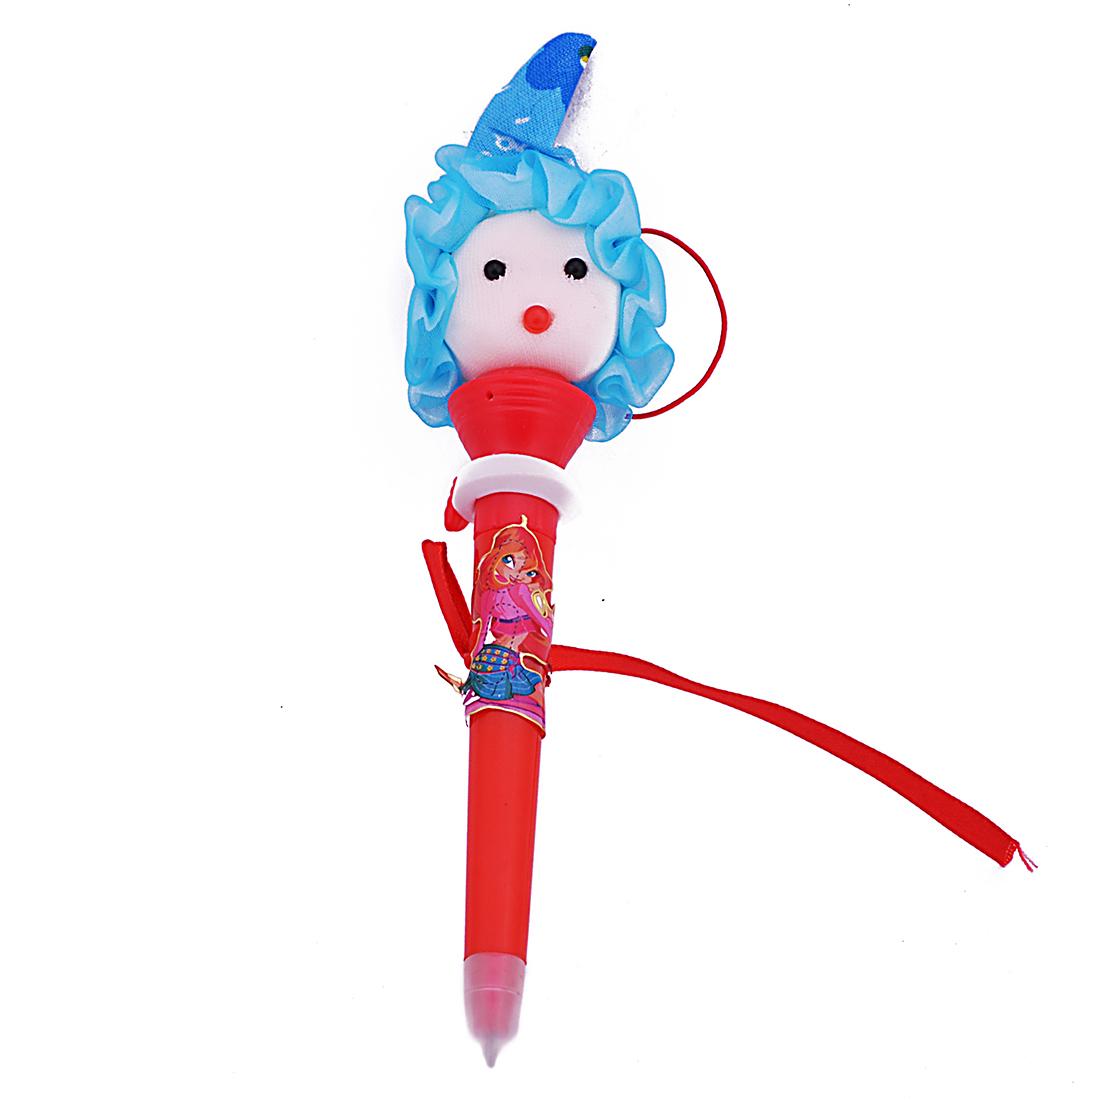 Colorful Pencil Toy Kids Rakhi